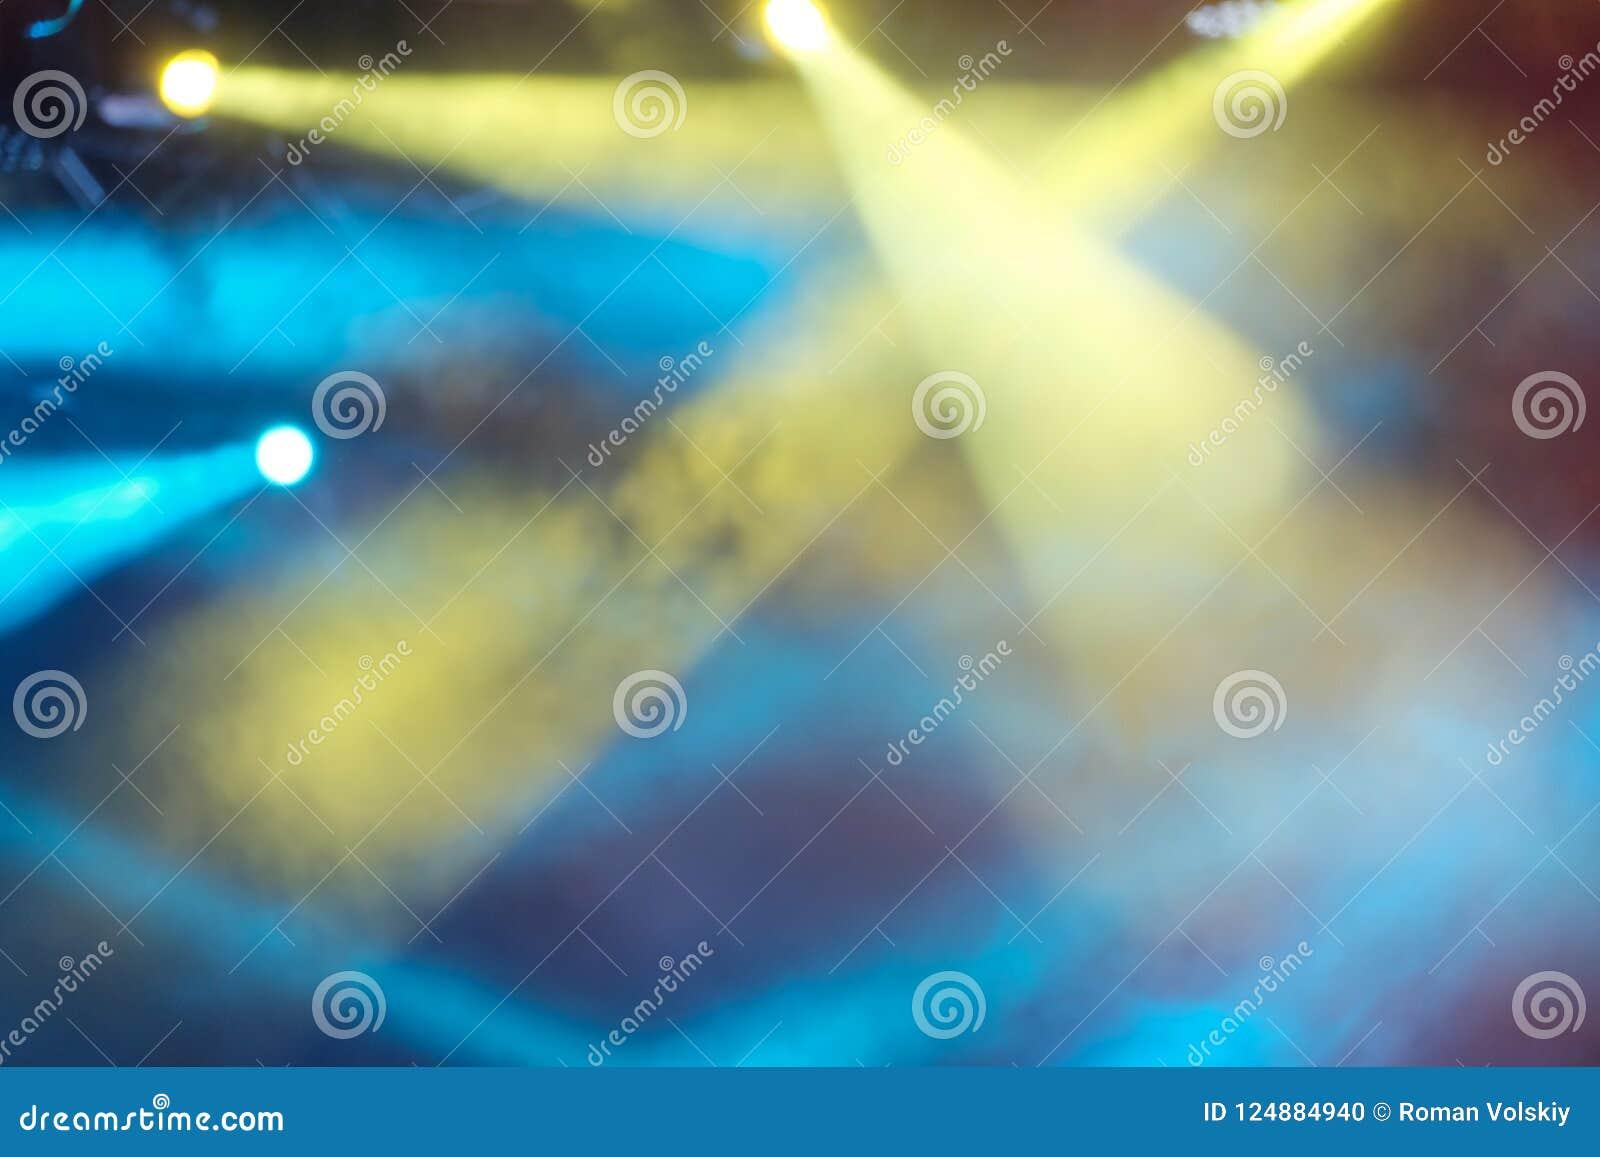 Bello fondo astratto dei raggi di luce multicolori luminosi Le luci gialle e blu di concerto splendono attraverso il fumo blurry